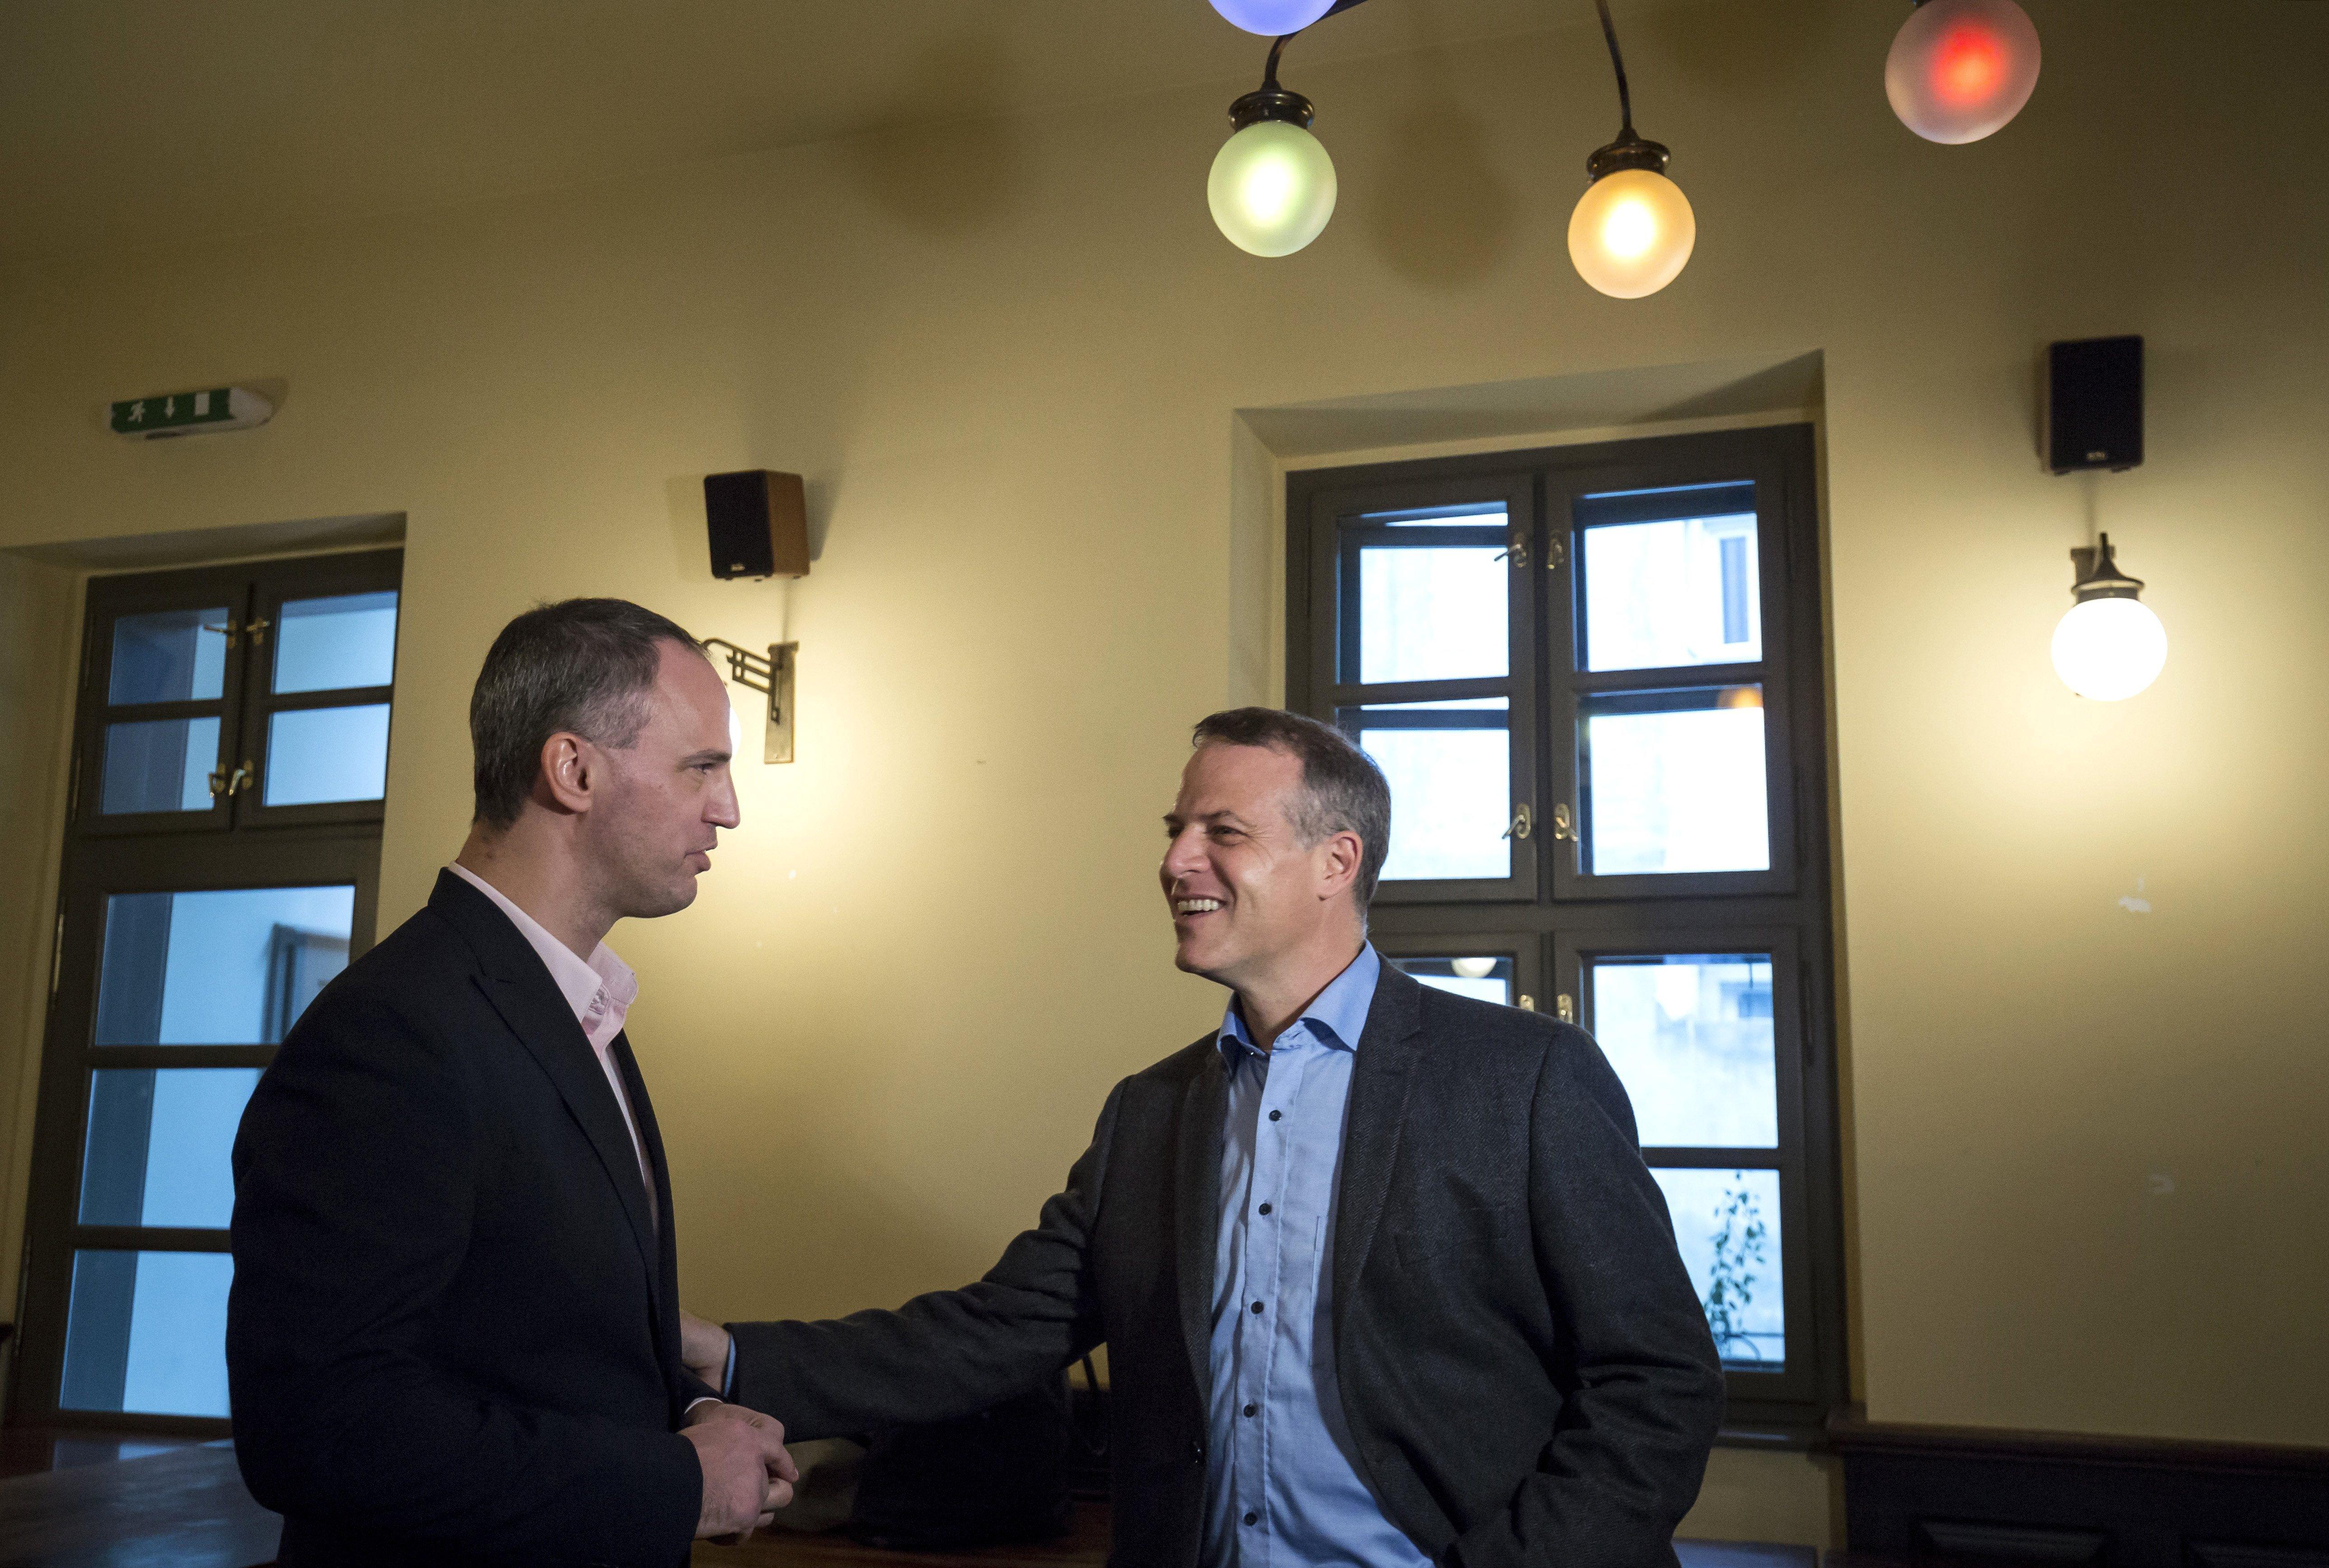 A Fidesz nyerte a solymári választást, és ez Szigetvári Viktor szerint azt bizonyítja, hogy a Fidesz legyőzhető